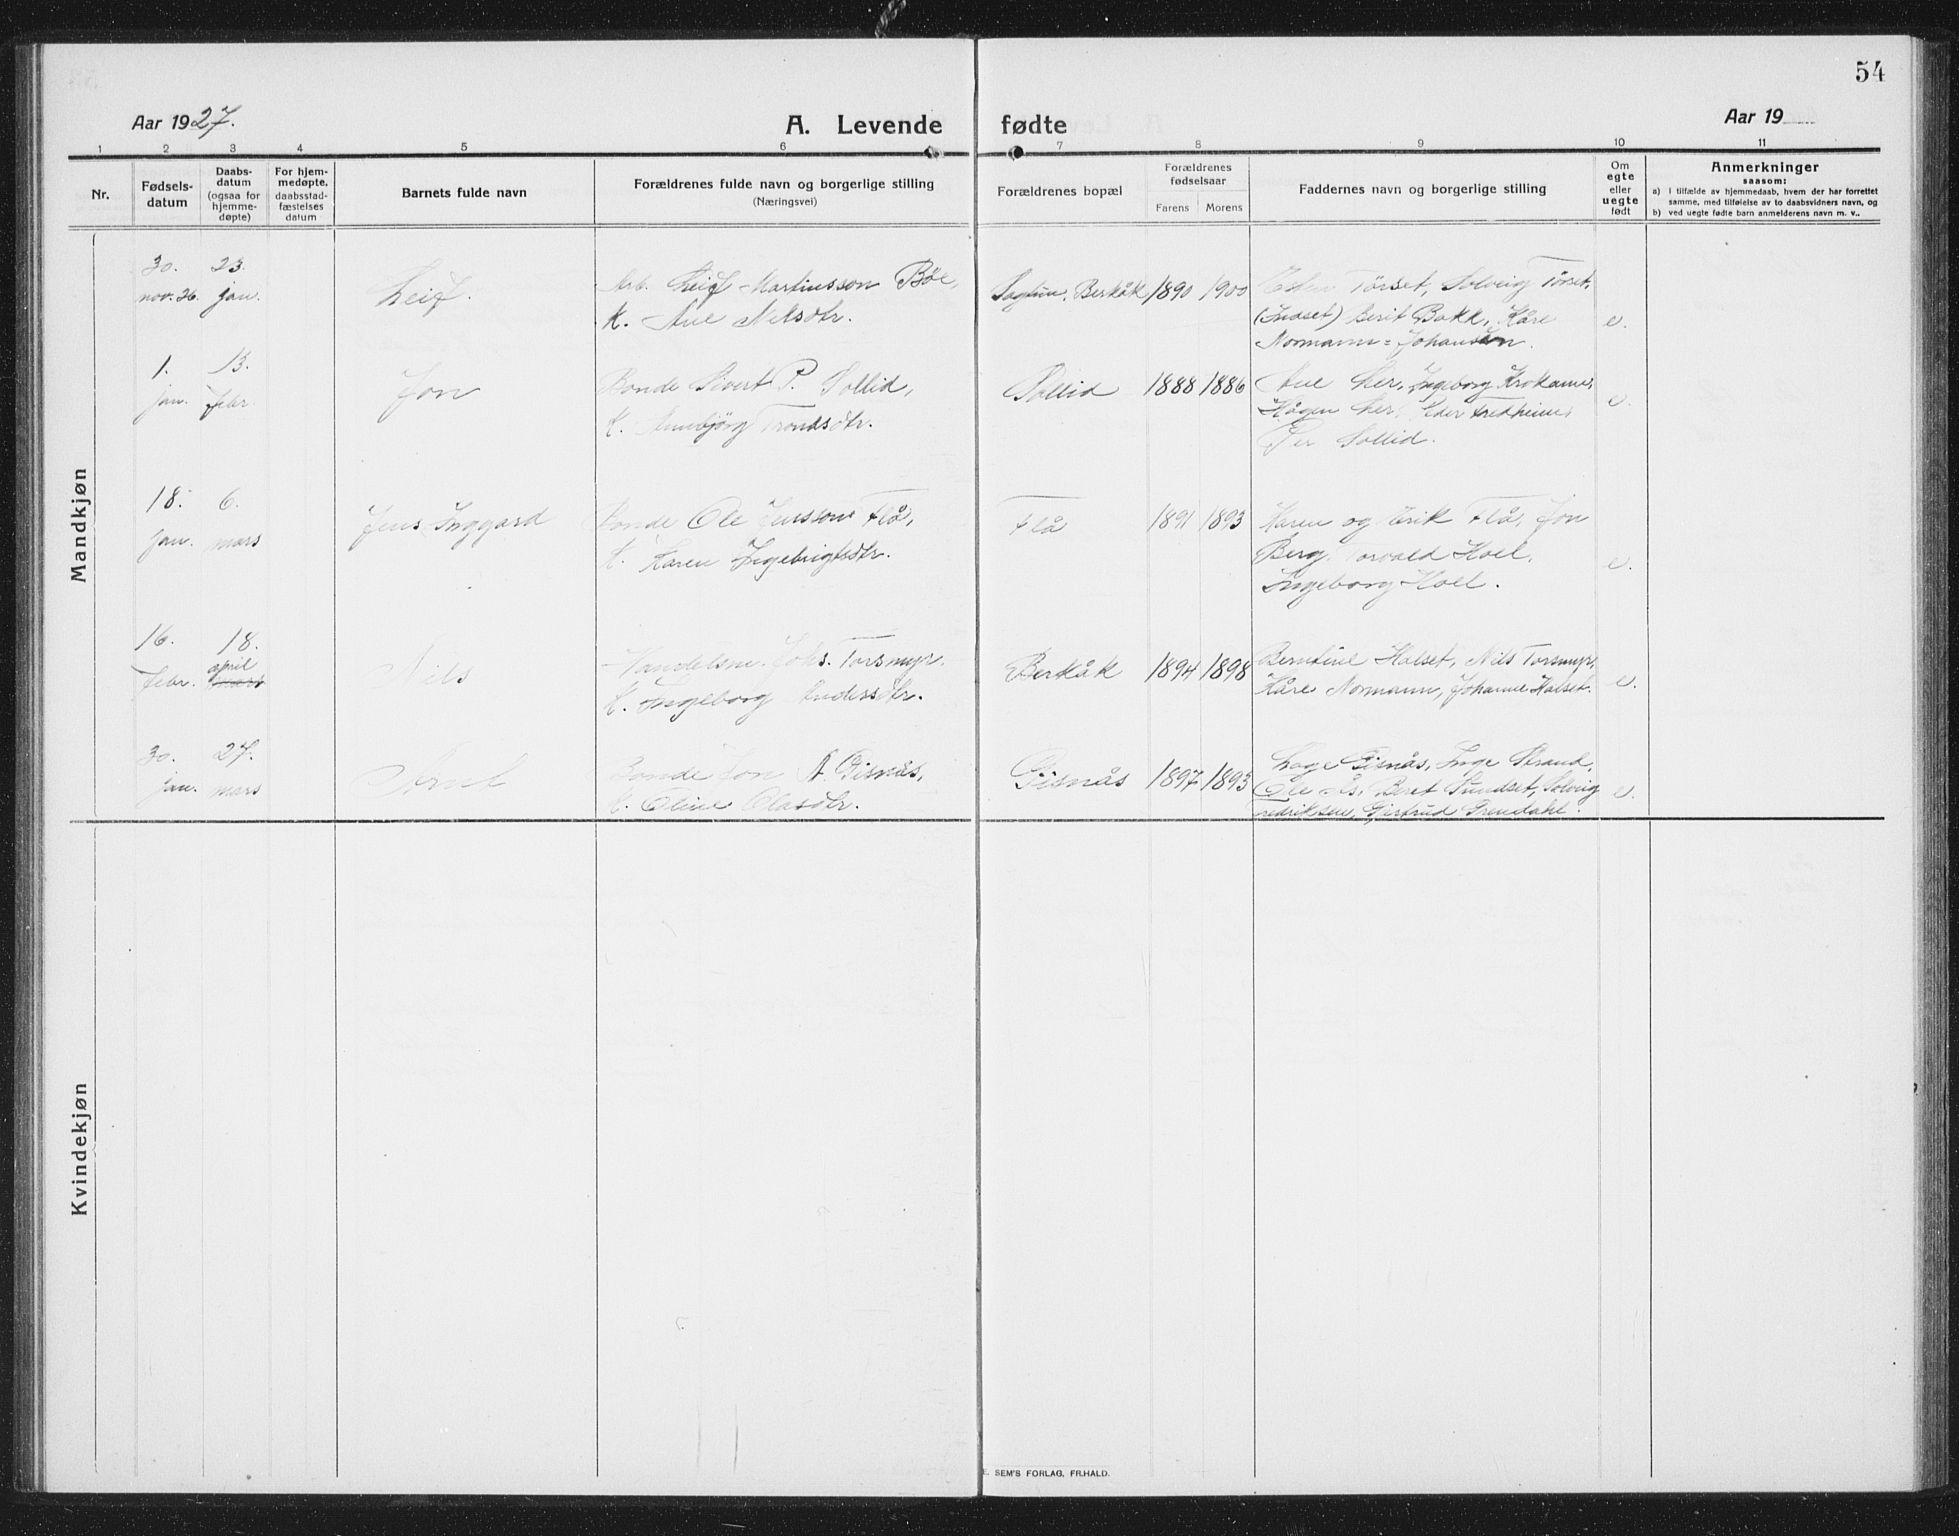 SAT, Ministerialprotokoller, klokkerbøker og fødselsregistre - Sør-Trøndelag, 675/L0888: Klokkerbok nr. 675C01, 1913-1935, s. 54